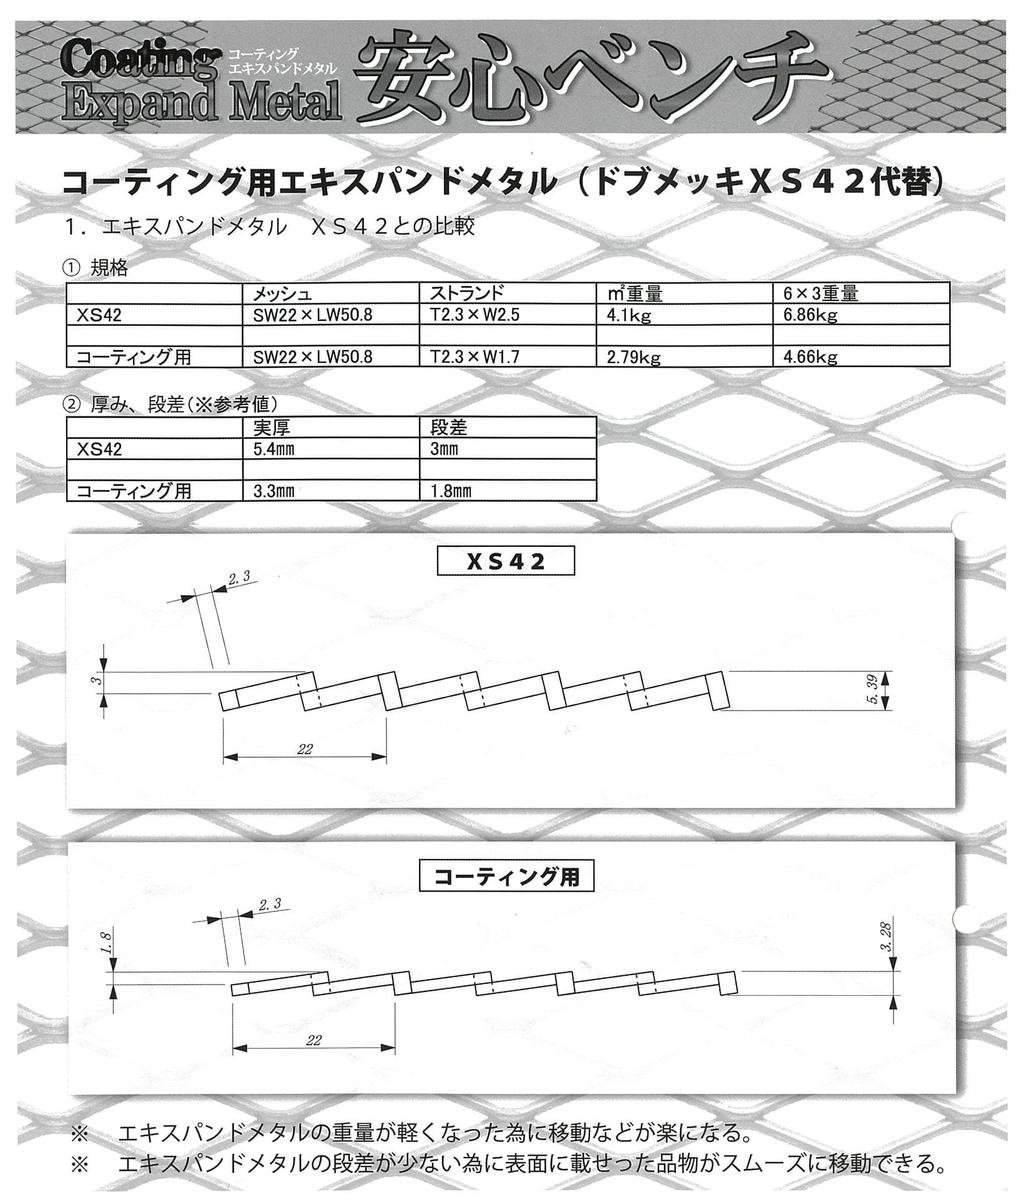 f:id:ikexk:20210222151115j:plain